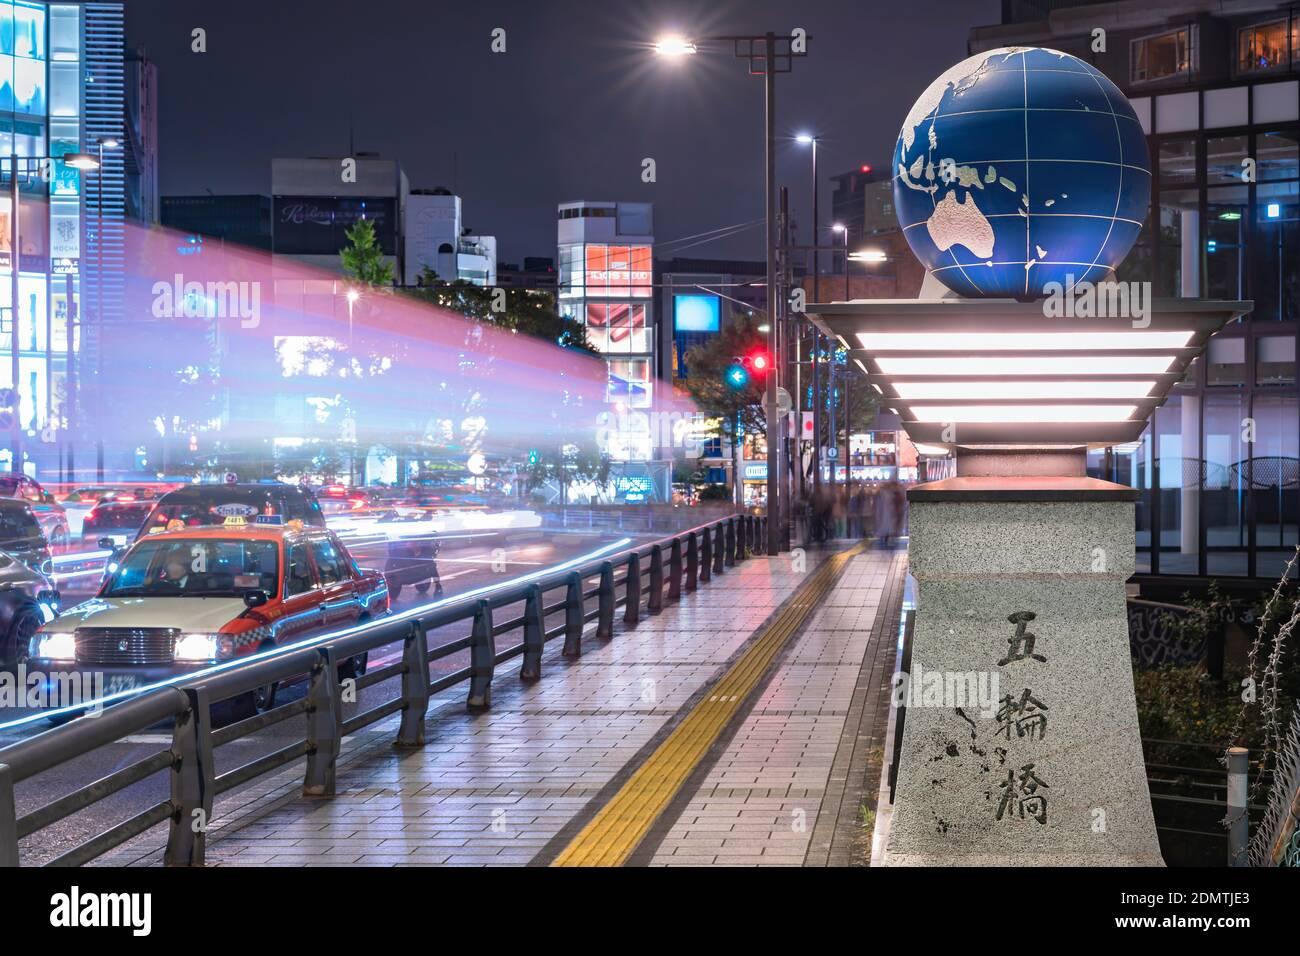 tokio, japón - noviembre de 02 2019: Faros de coches encendiendo el puente olímpico llamado Gorinbashi creado para las Olimpiadas de Verano de 1964 en el distrito de Harajuku Foto de stock